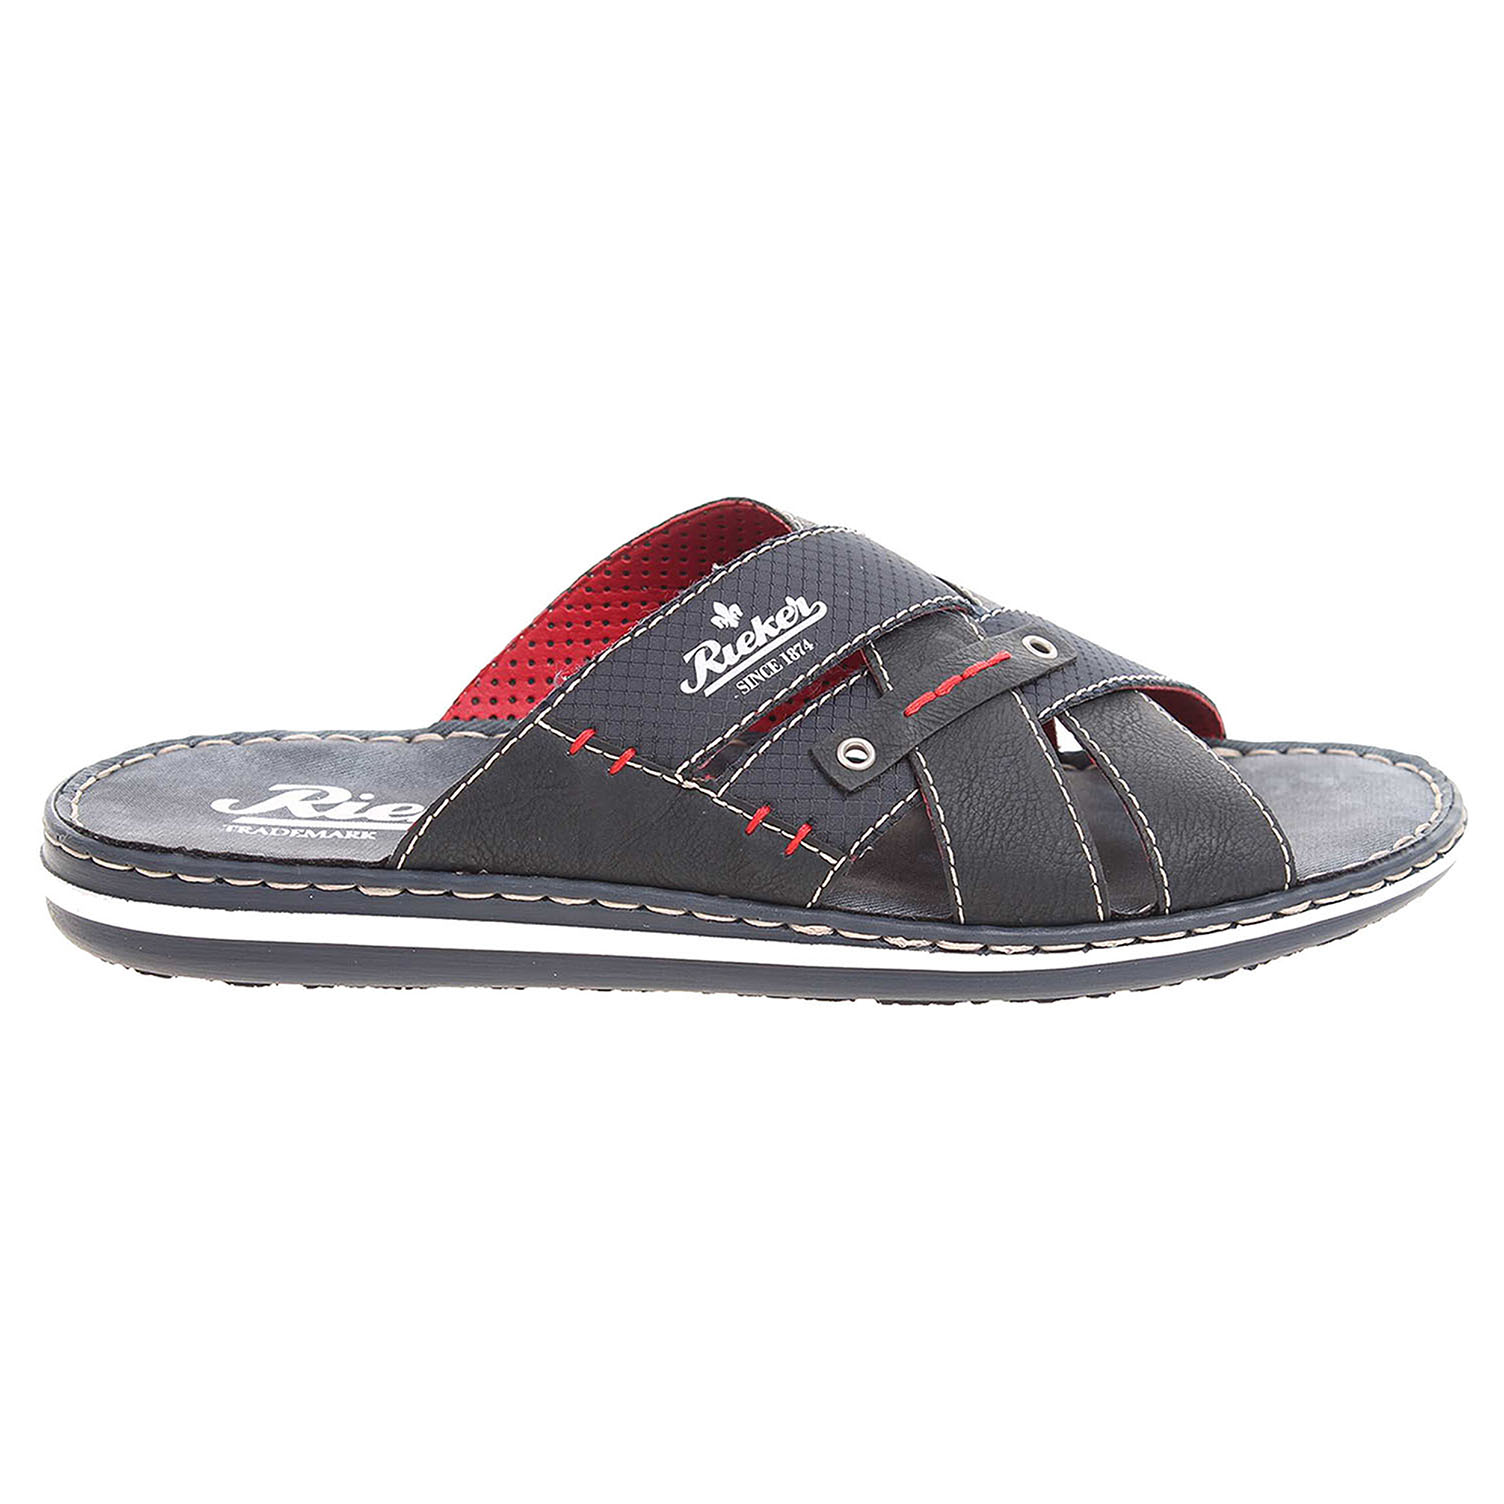 Rieker pánské pantofle 21099-14 modré 44